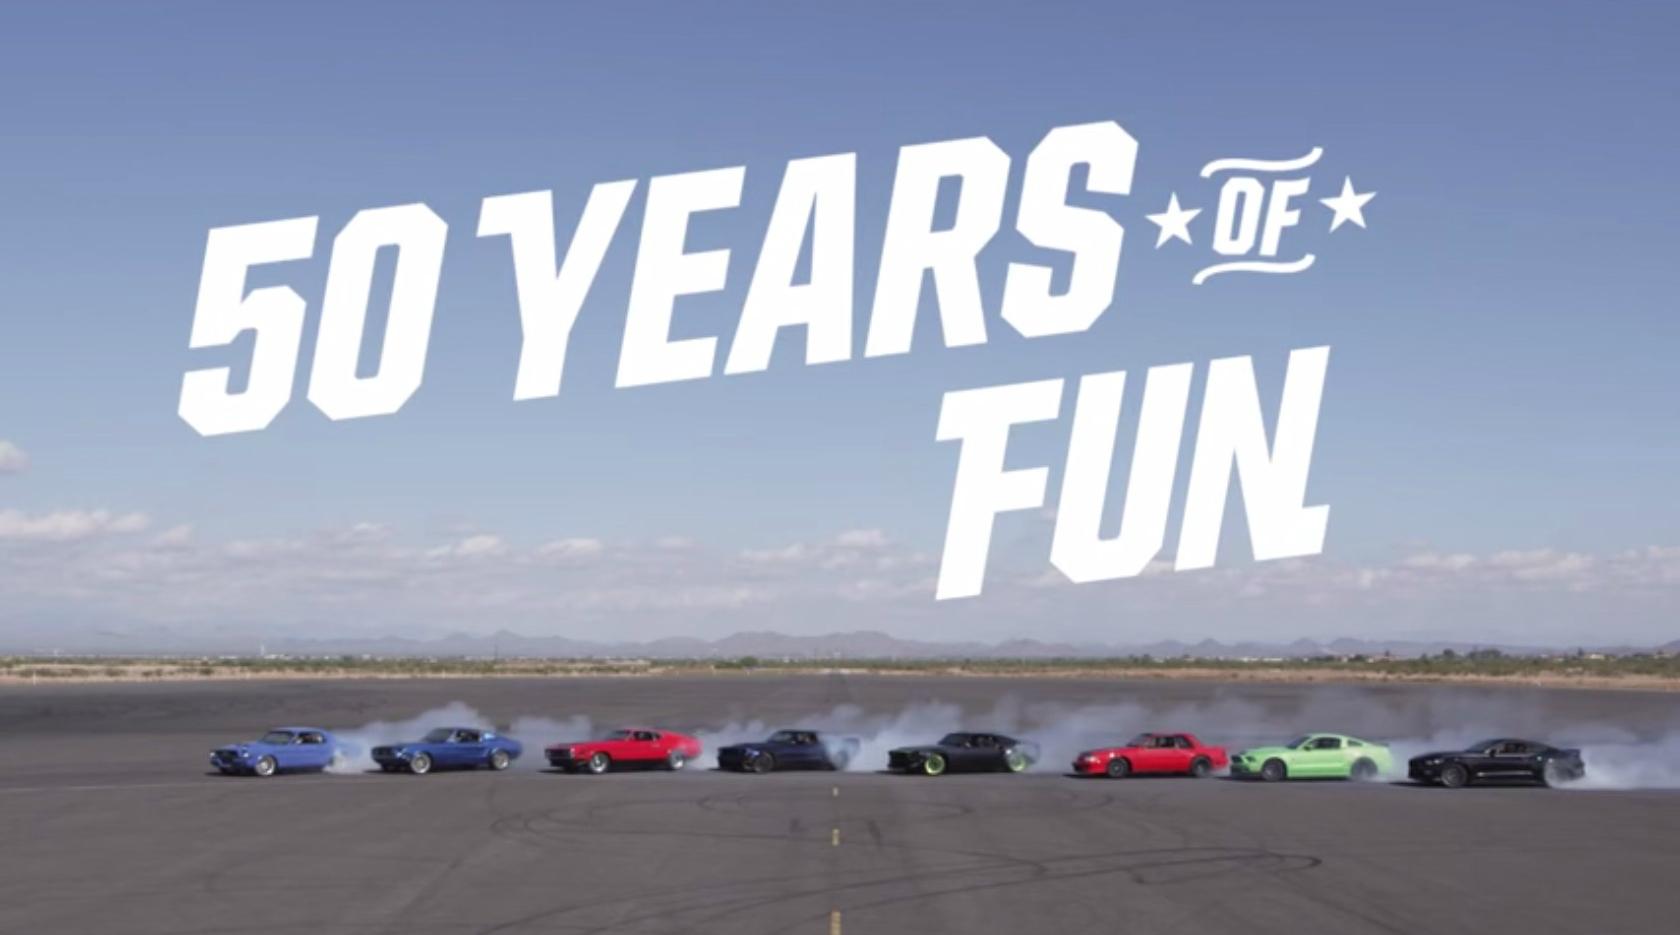 Màn drift tuyệt vời của những chiếc xe Ford Mustang